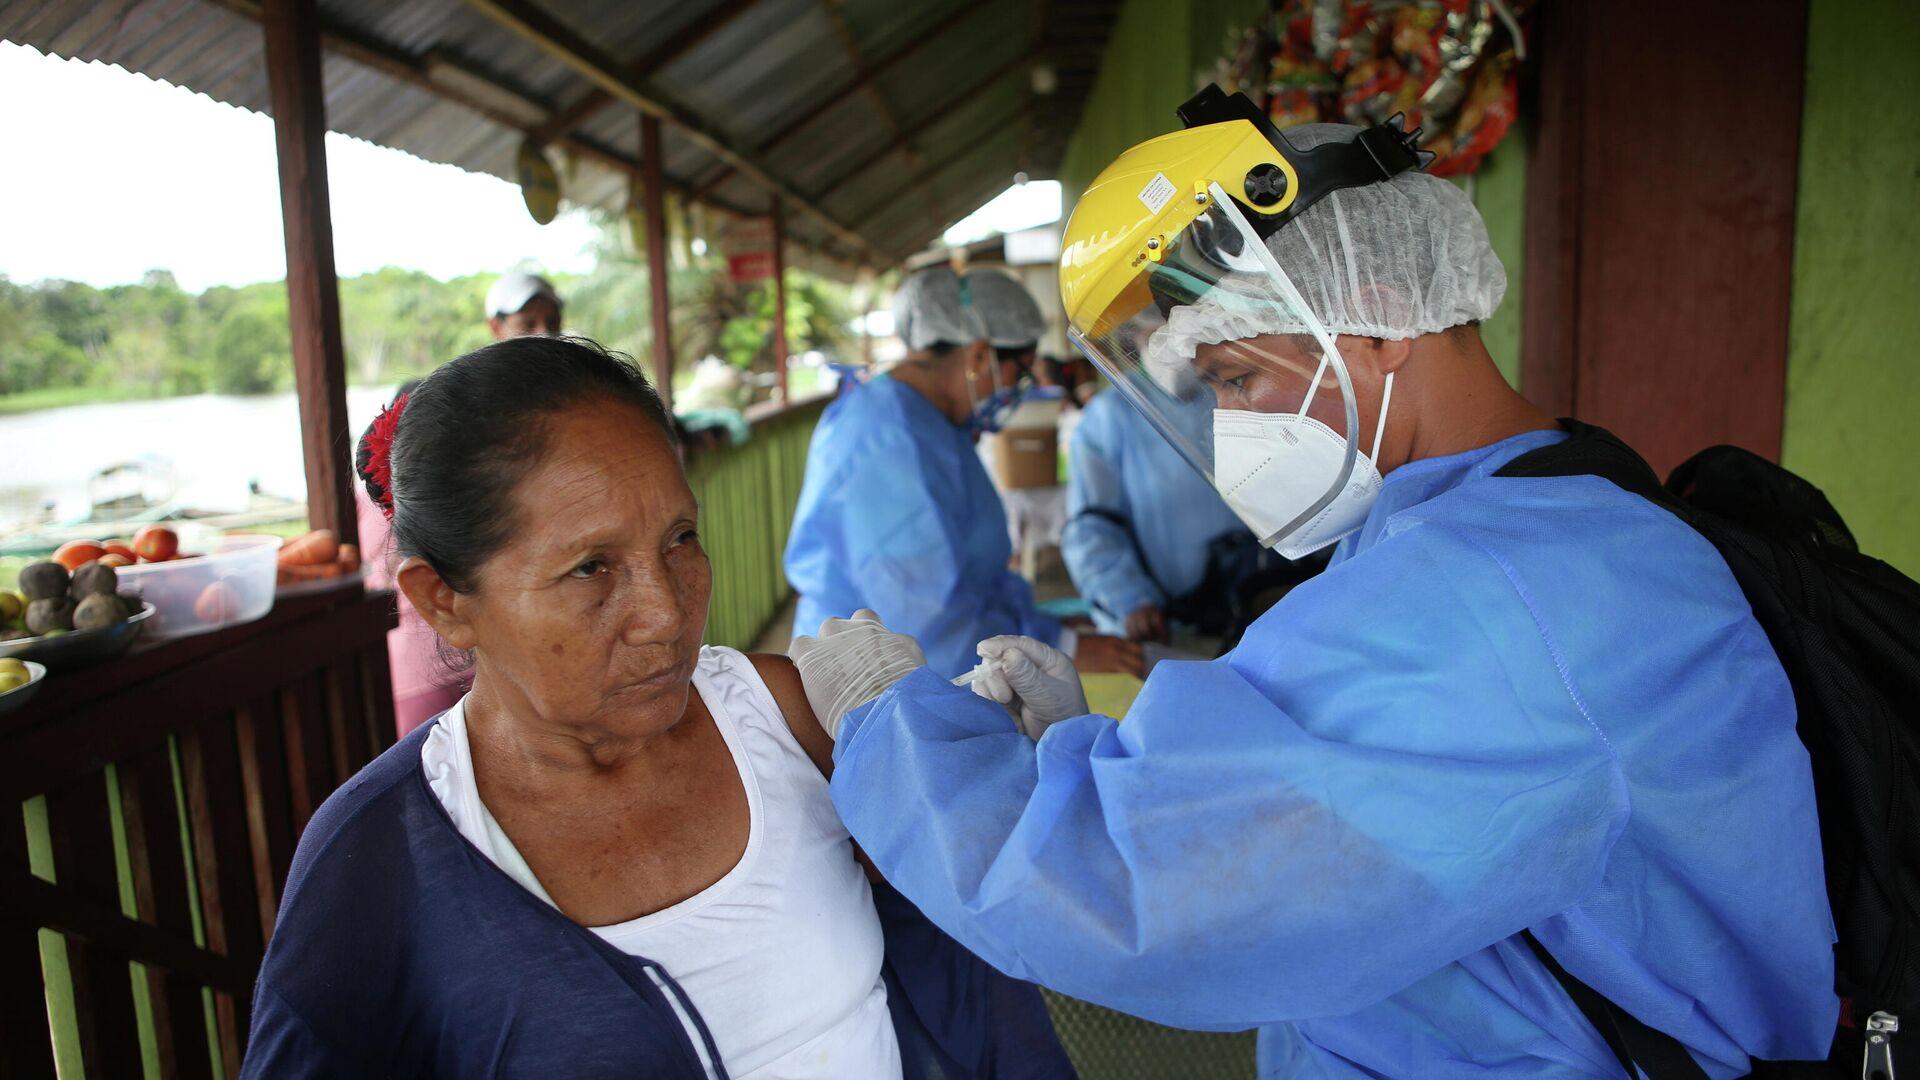 Vacunación contra COVID-19 en Iquitos, Perú - Sputnik Mundo, 1920, 08.06.2021